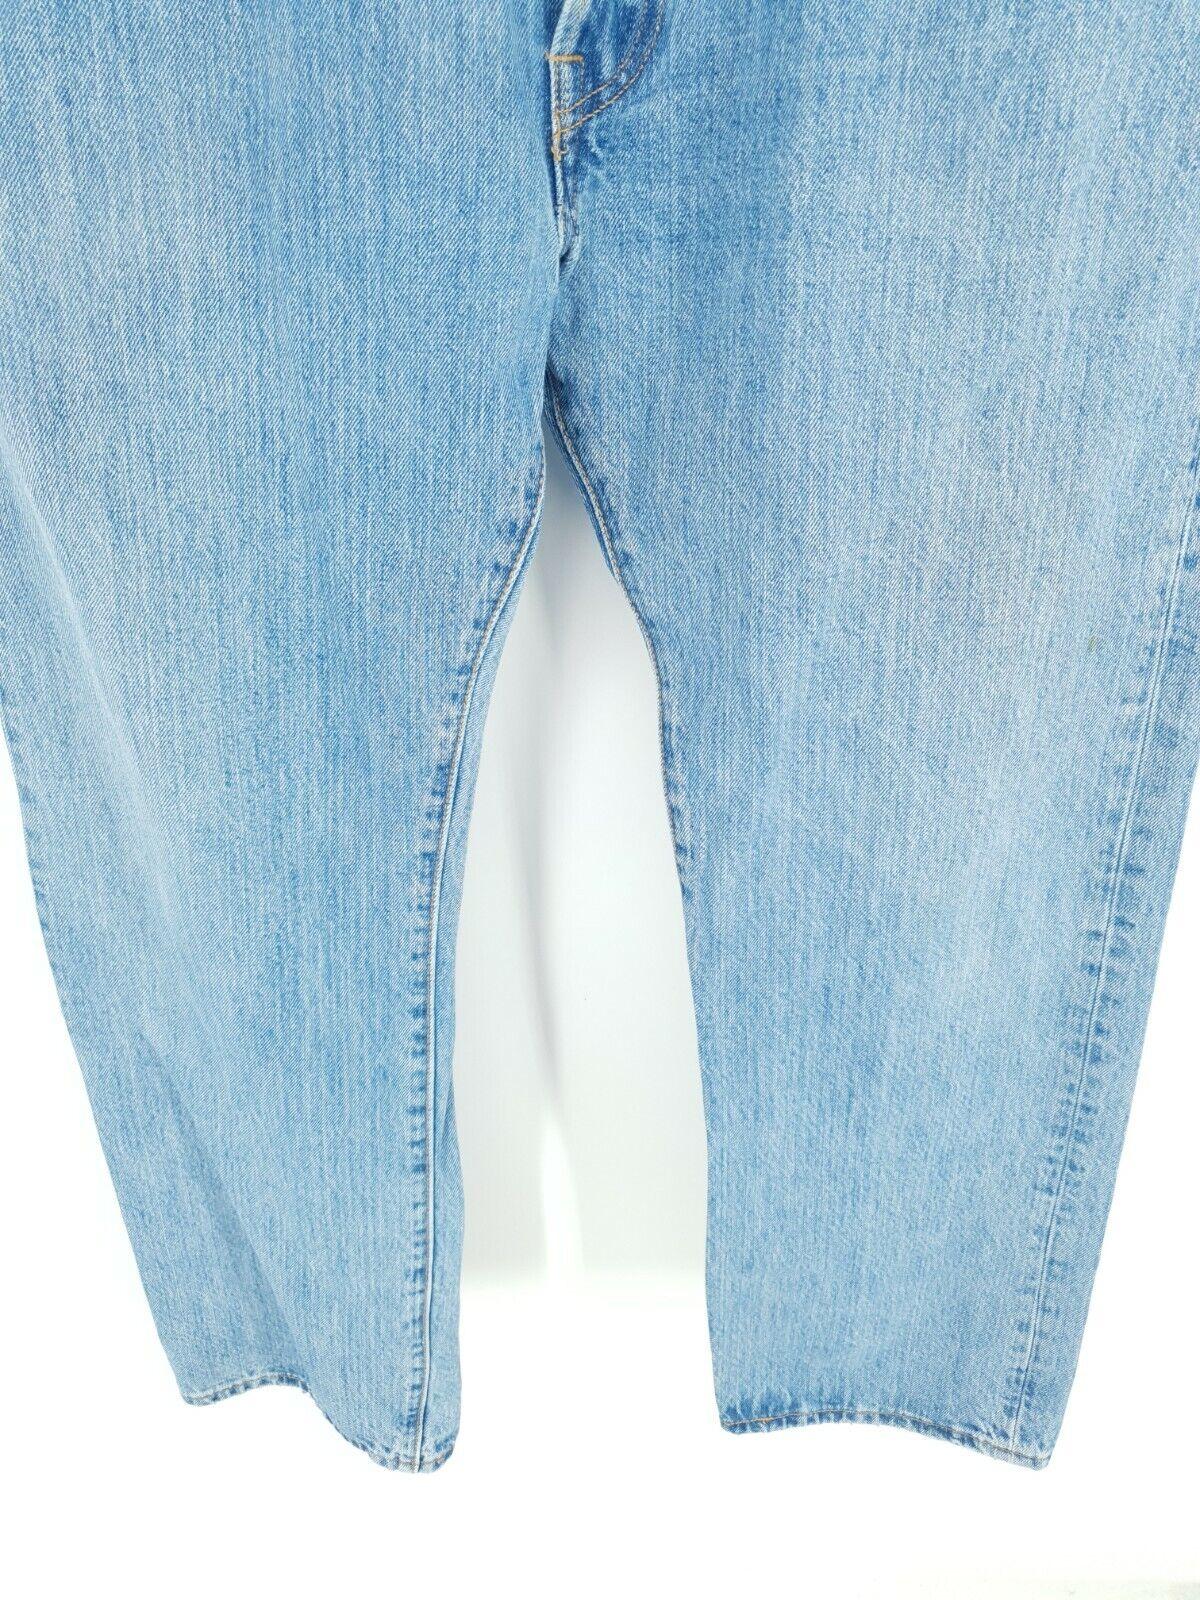 Vintage  Levis 501 XX Jeans Mens 36x30 Distressed… - image 3